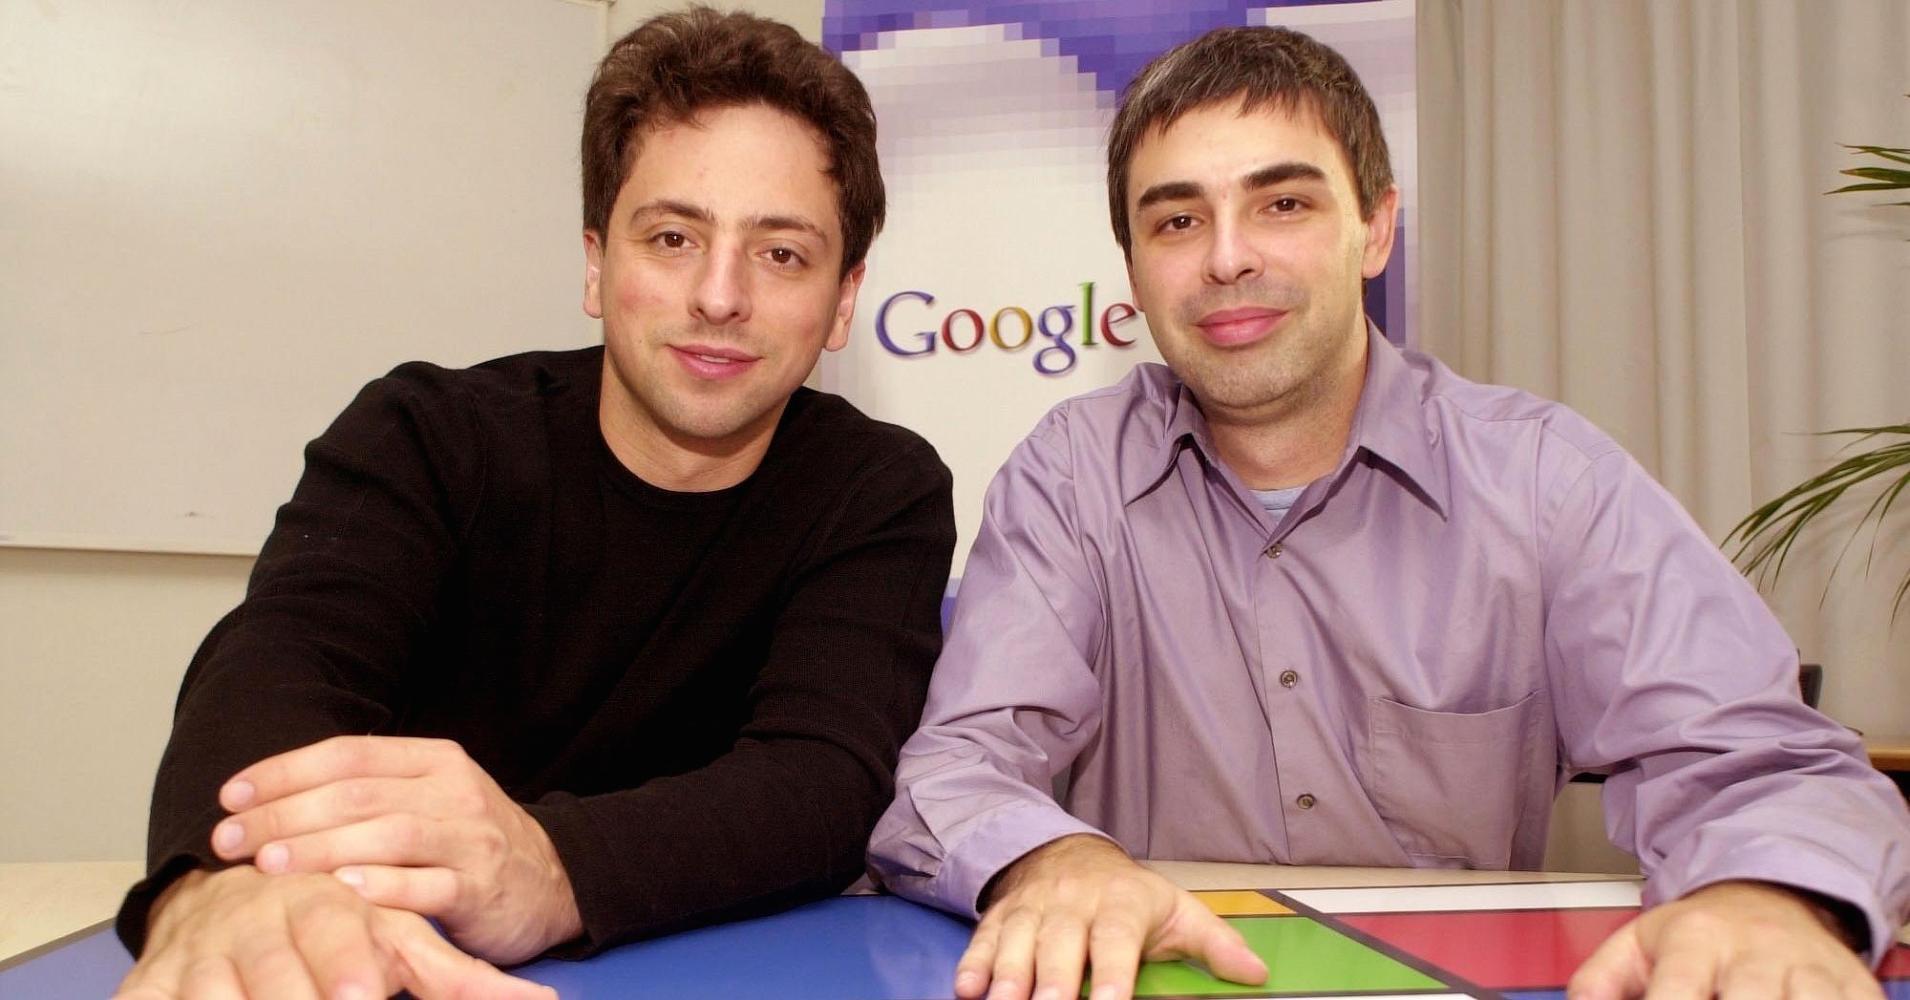 Google: Top 10 câu hỏi phỏng vấn cực dị và hack não đến nỗi công ty không dám dùng lại - Ảnh 1.